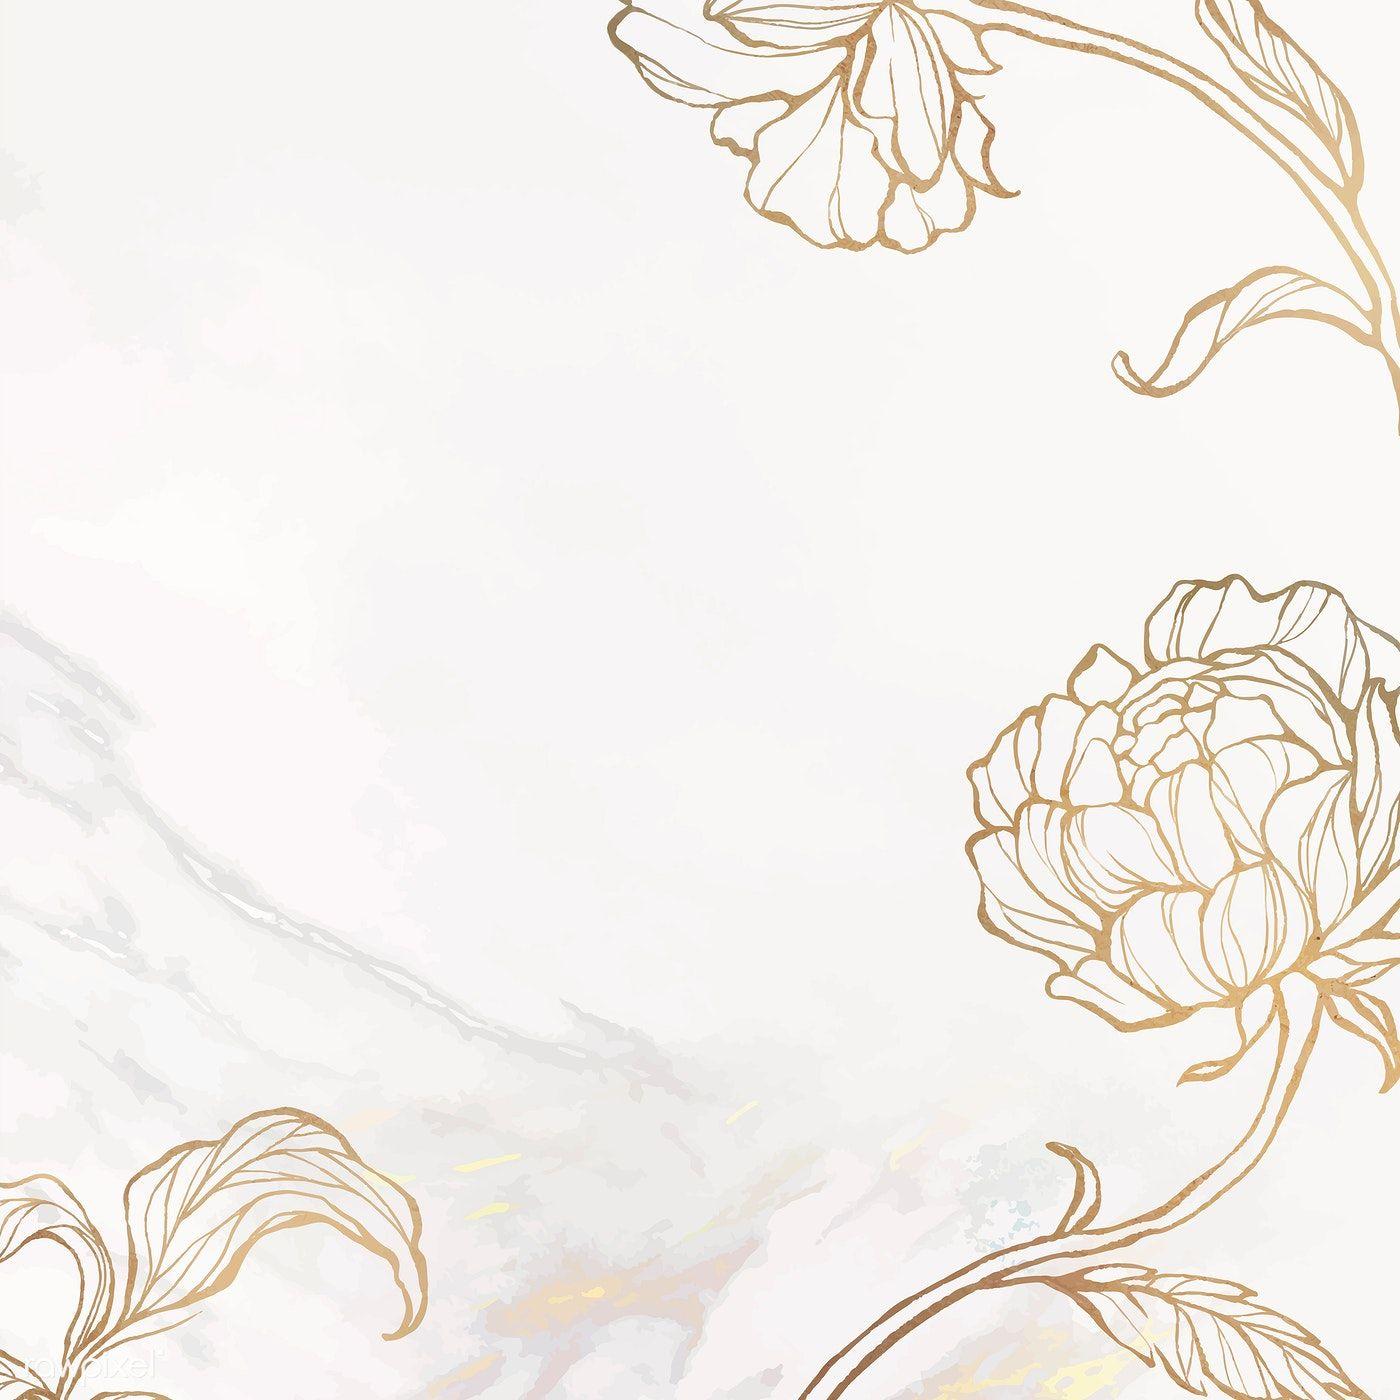 Download Premium Vector Of Gold Leaves Outline On Marble Background Vector Marble Background Vintage Floral Backgrounds Leaf Outline